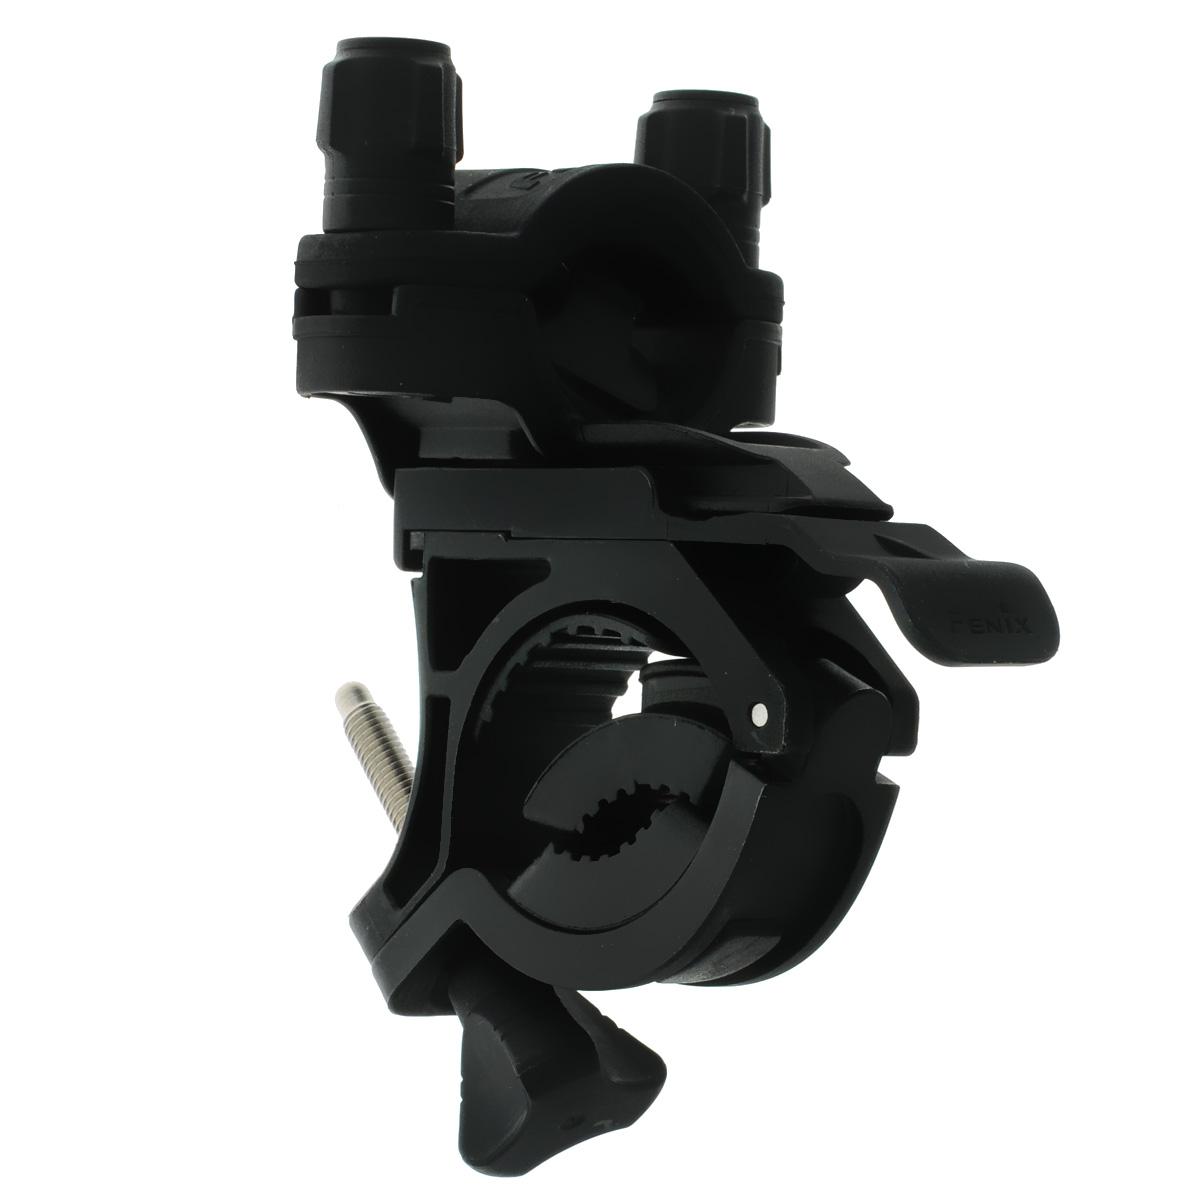 Крепление велосипедное Fenix ALB-10AR102В целом, конструкция крепления Fenix ALB-10 разработана таким образом, что процесс крепления и фиксации фонаря осуществляется крайне просто и занимает минимум времени. Проработаны мельчайшие детали, способствующие быстрой адаптации крепления под соответствующий инструмент. В итоге Fenix ALB-10 представляет собой гениально простое решение для приспособления фонаря в нужное место для определенных целей.Велосипедное крепление Fenix ALB-10 вполне традиционно не имеет ничего лишнего — лишь самый необходимый функционал, в который помимо основной задачи закрепления фонаря на руле входит также и возможность регулировать направление света горизонтально в пределах 30°. Совмещая и комбинируя некоторые детали можно добиться полной ликвидации эффекта встряски, которая происходит во время движения, особенно по пересеченной местности. Правильно используя каучуковые прокладки, вы значительно обезопасите ваш фонарь от нежелательных потрясений.Подходит для UC35, UC40, TK22, TK15, PD35, PD22, PD12, LD22, LD12.